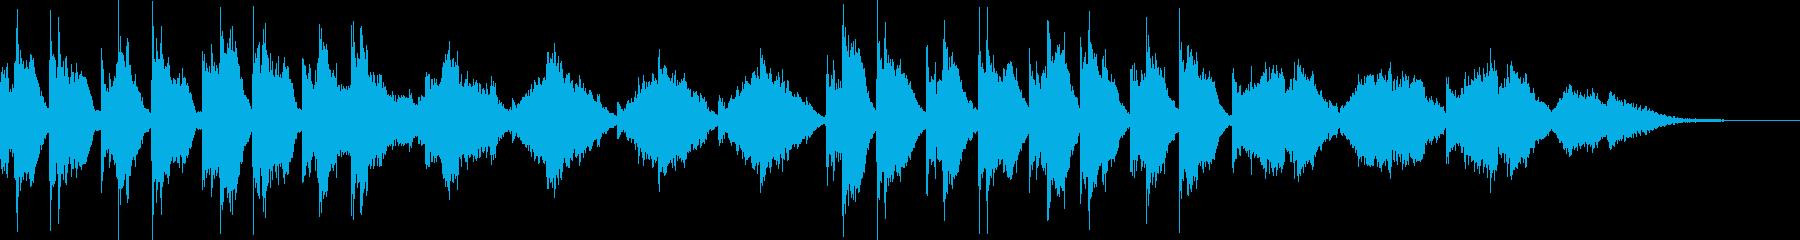 雅な雰囲気の静かな和のオーケストラ2の再生済みの波形